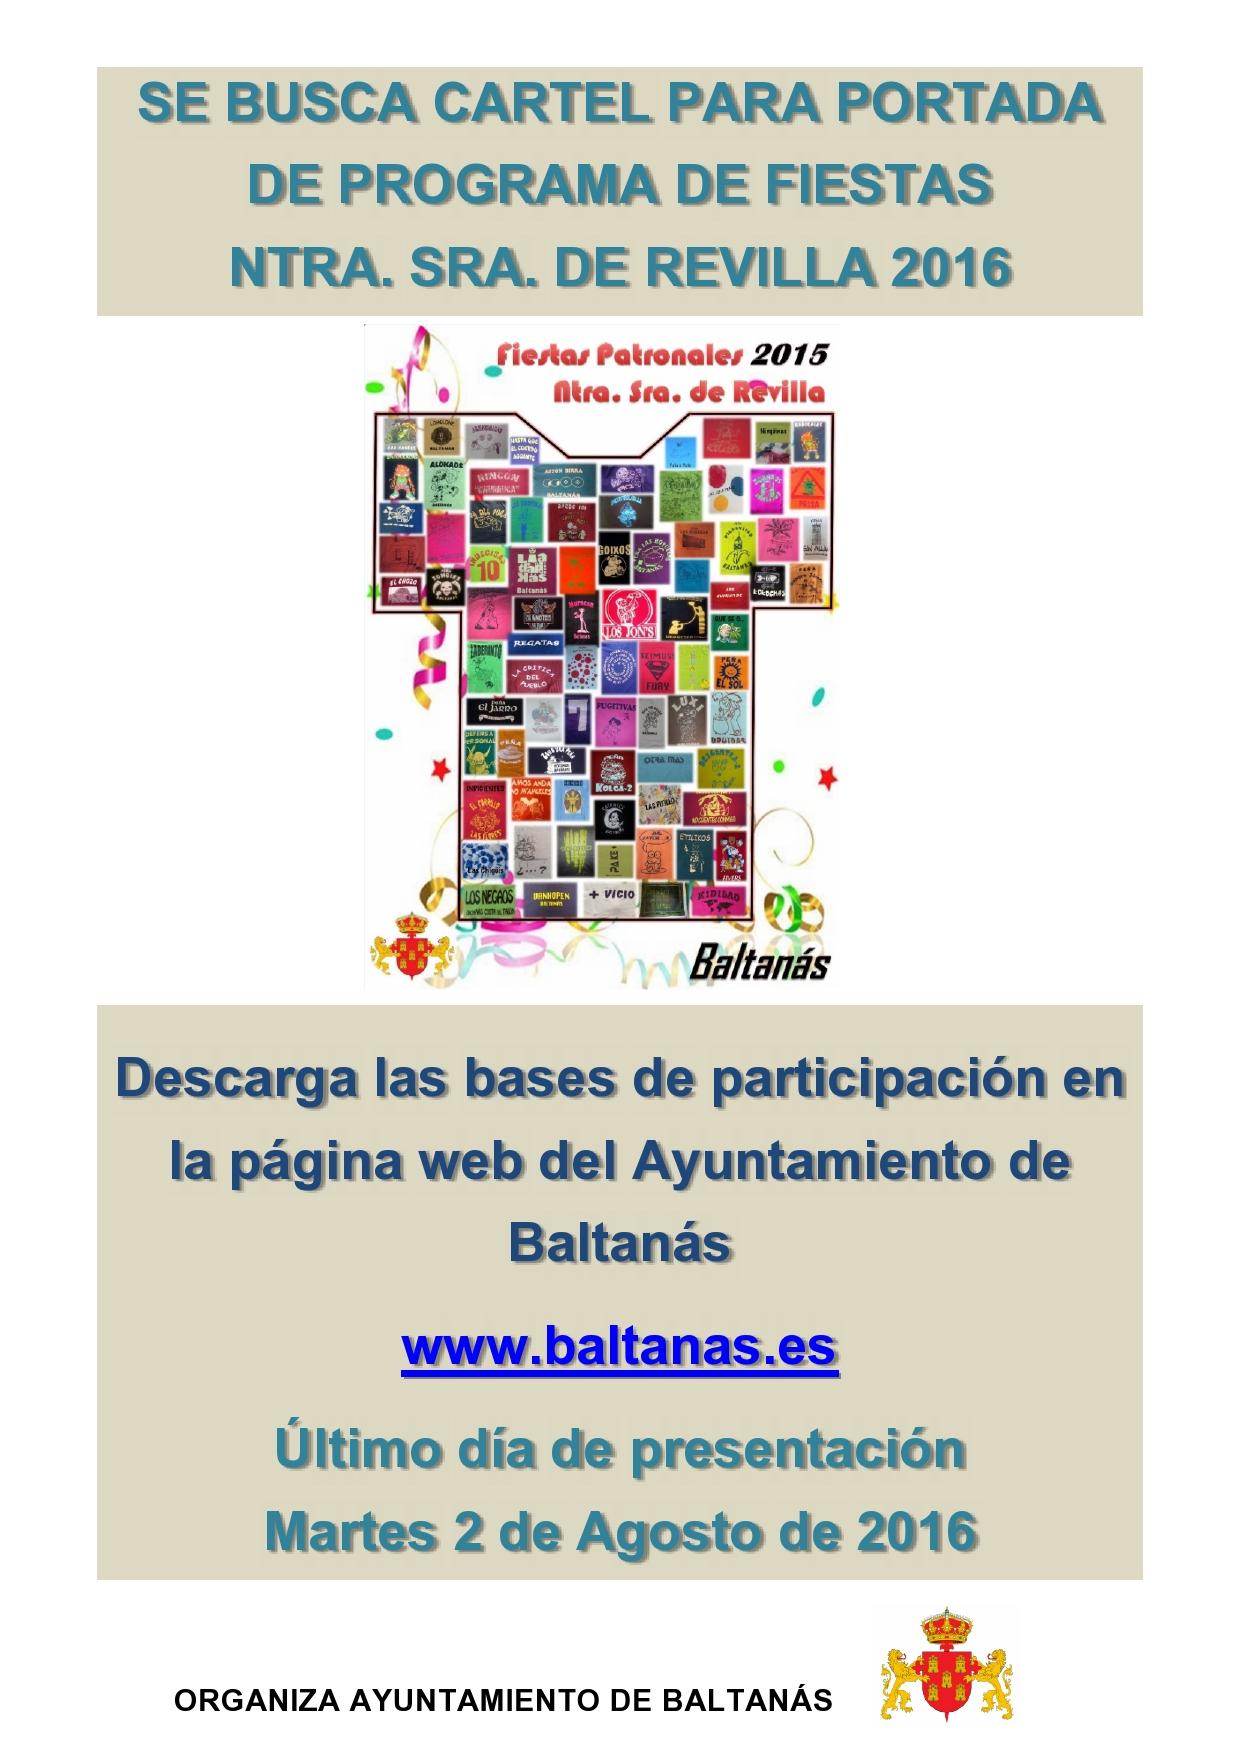 Concurso cartel Fiestas de Ntra. Sra. Virgen de Revilla 2016